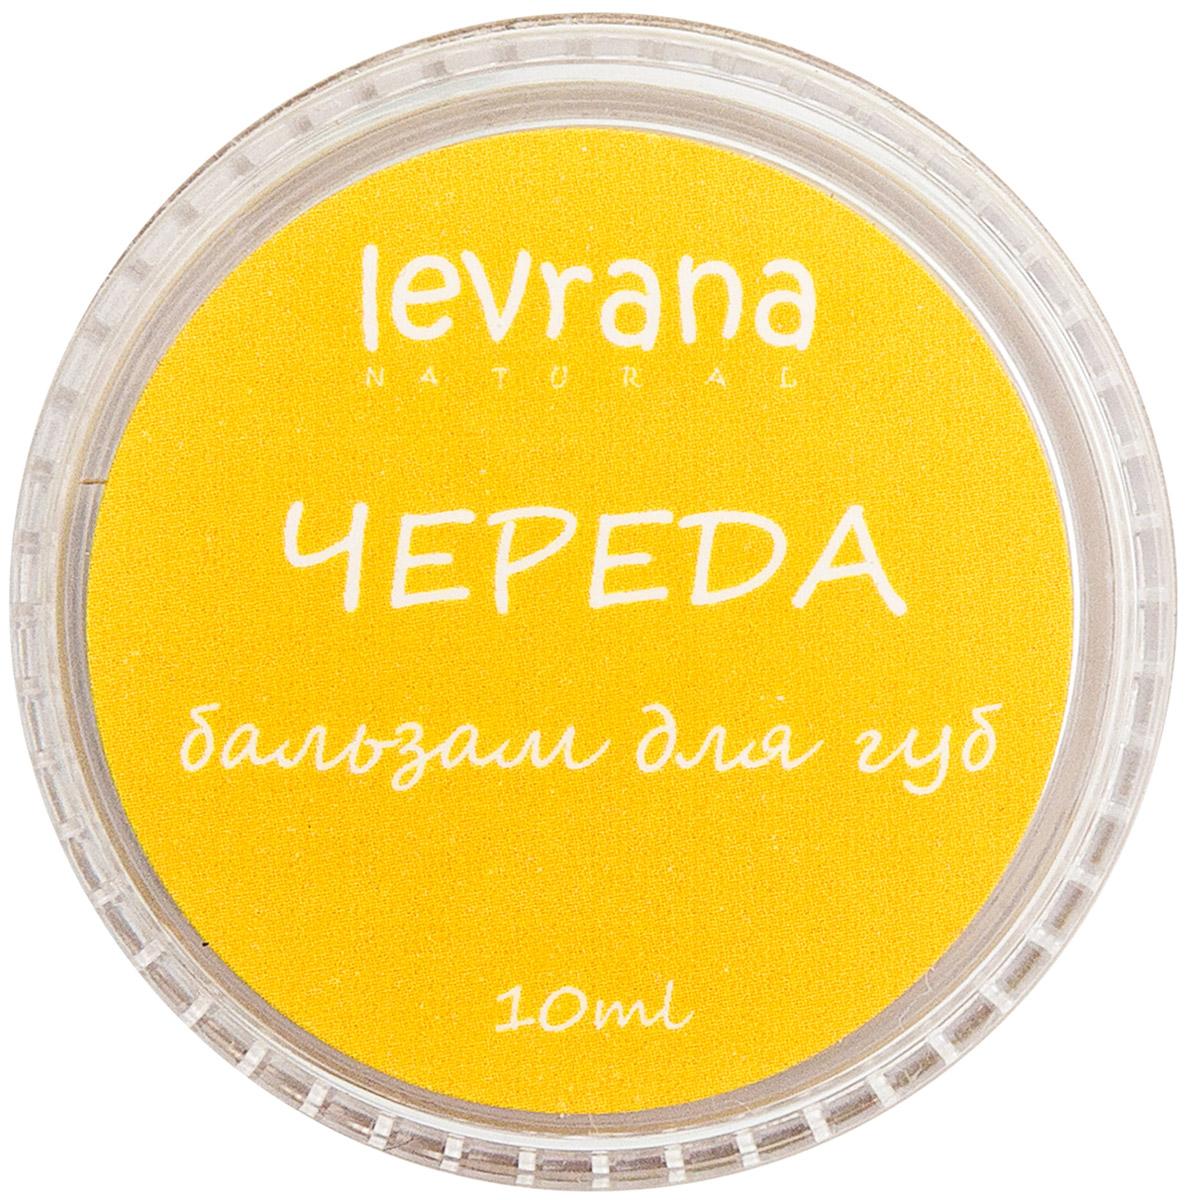 Levrana Бальзам для губ Череда, 10 гLB05Бальзам для губ Череда с тыквенным маслом и витамином Е.Нежная кожа губ нуждается в особом уходе, ведь она очень сильно подвержена воздействию окружающей среды.Бальзам для губ обогащен ценнейшим тыквенным маслом, в состав тыквенного масла входит комплекс веществ, обладающий бактерицидными, противовоспалительными, антисептическими, обезболивающими, противоаллергическими и ранозаживляющими свойствами (витамины А, Е, витамины группы B, фитостеролы, флавоноиды, полиненасыщенные жирные кислоты, хлорофилл).Бальзам для губ это ежедневная профилактика старения кожи губ.